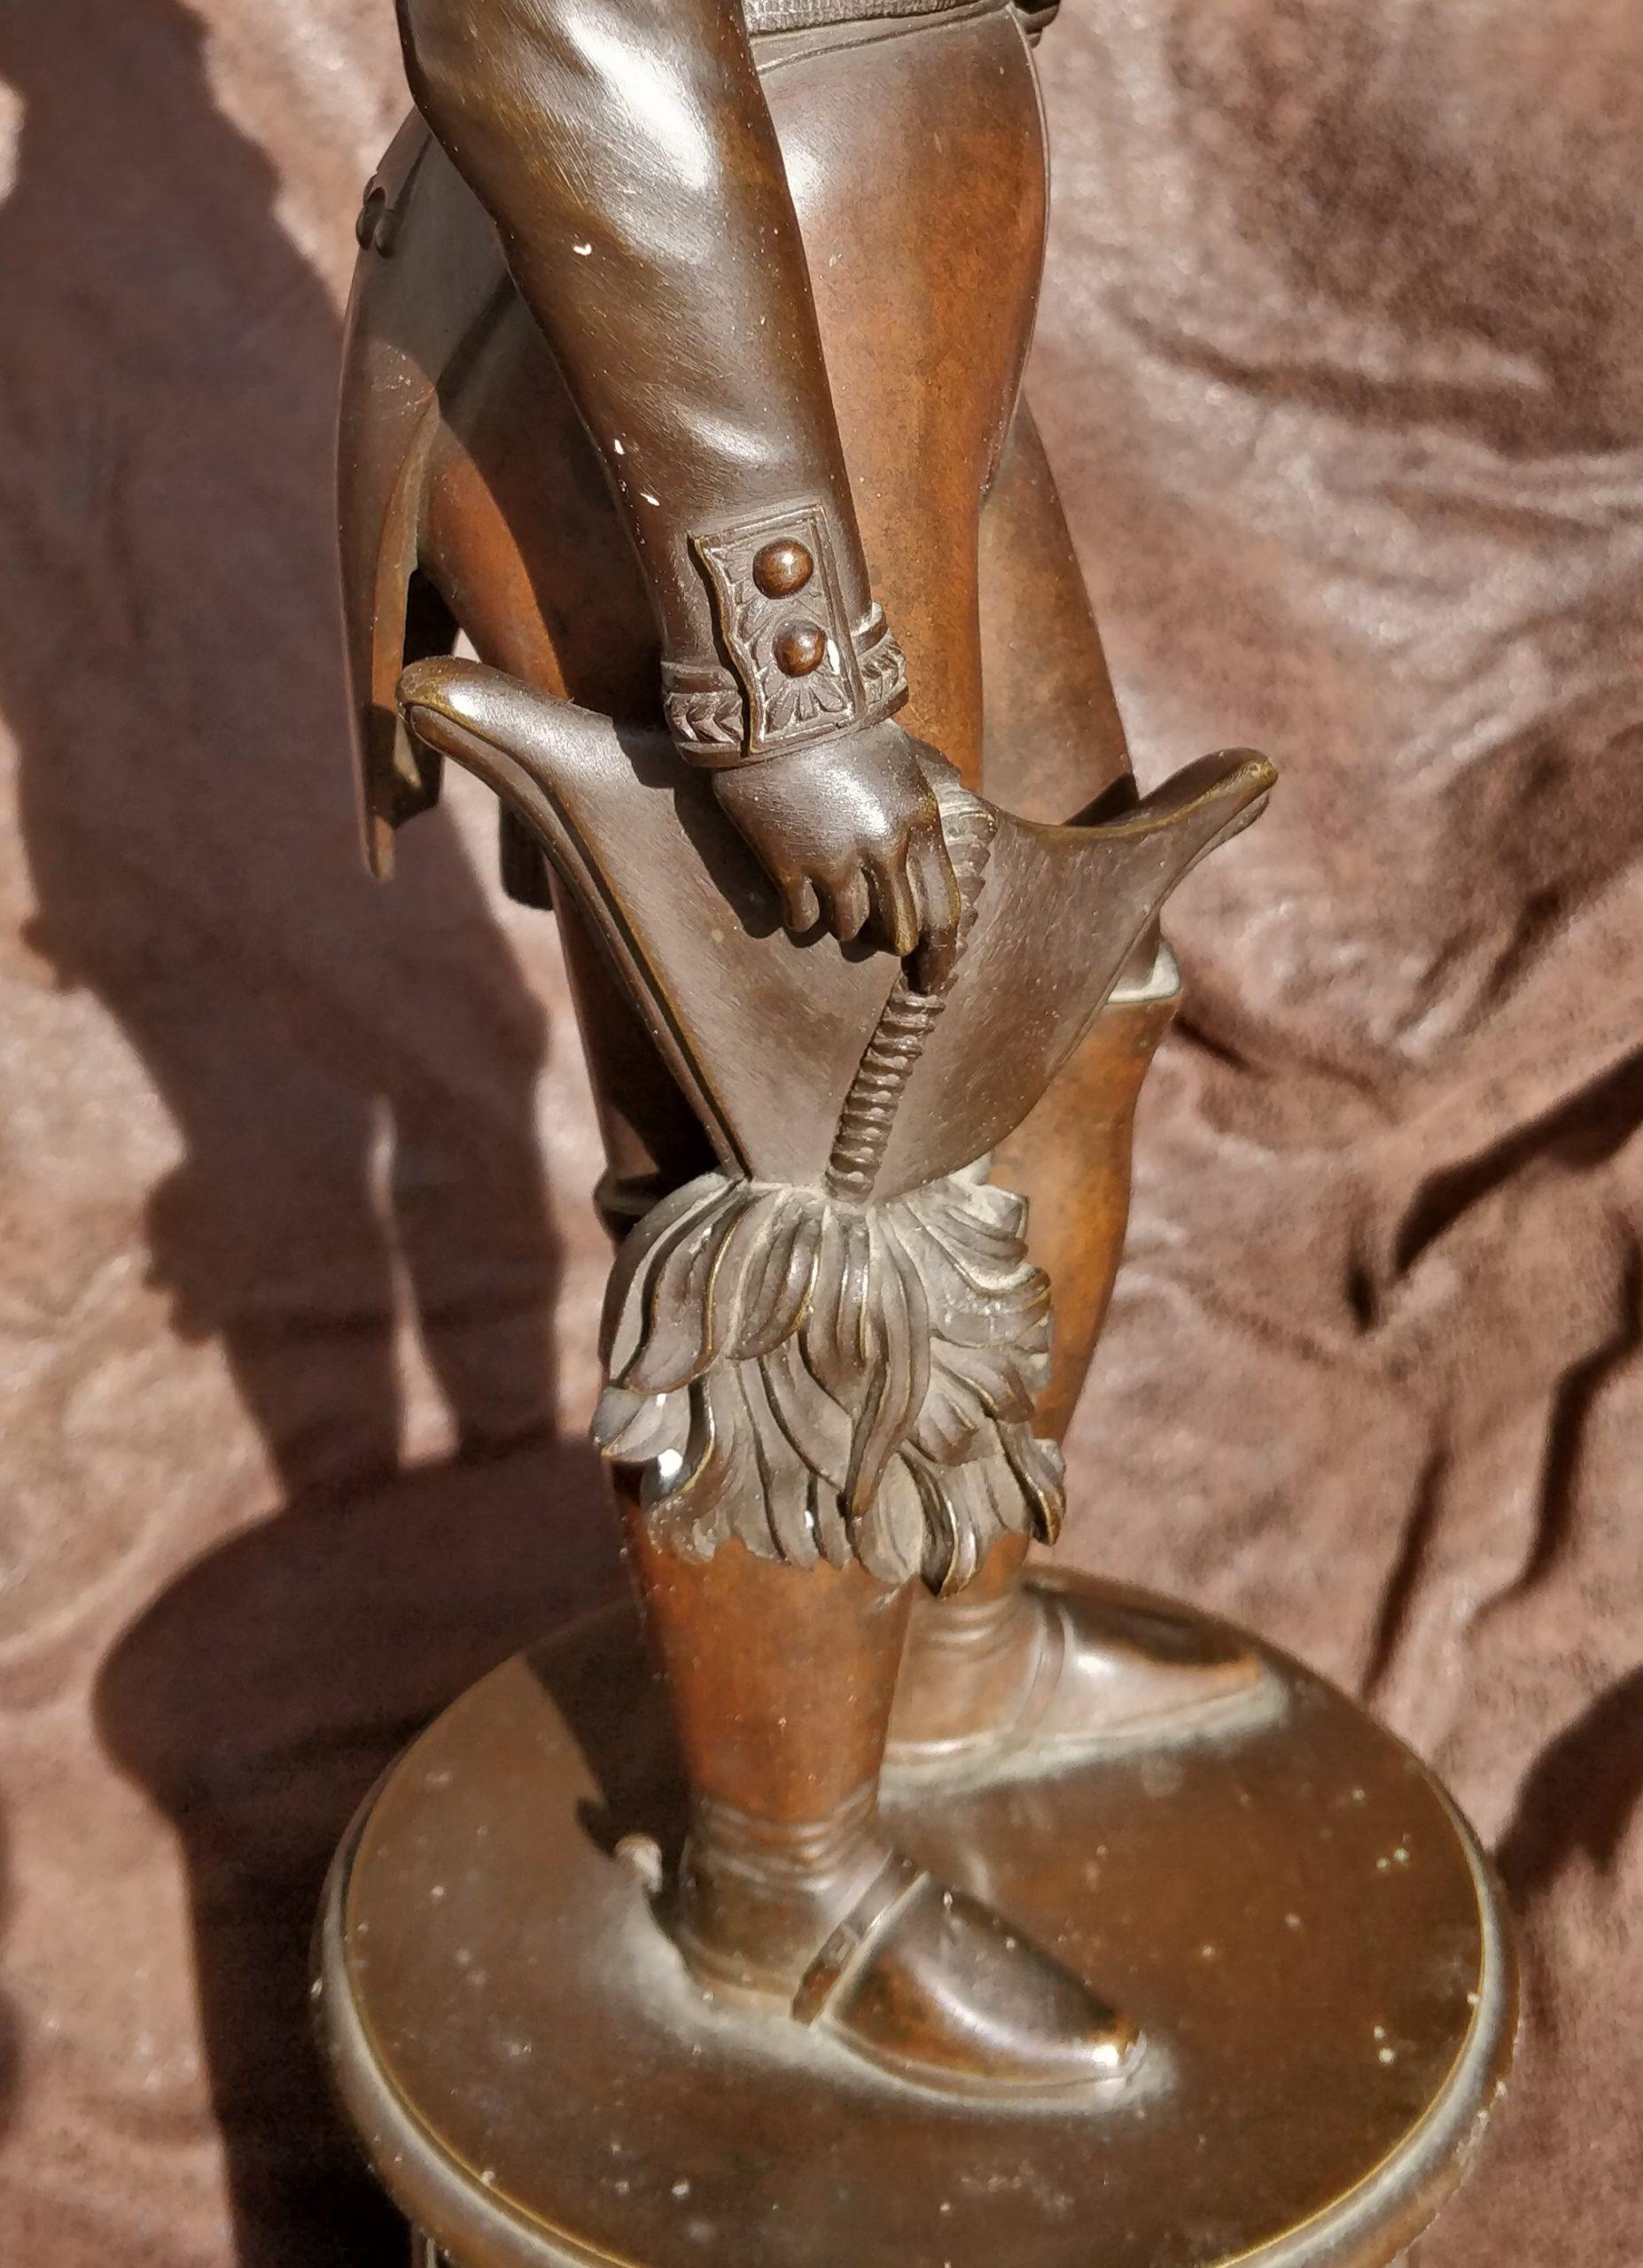 19 век бронза Николай Первый статуя-скульптура купить-не продажу